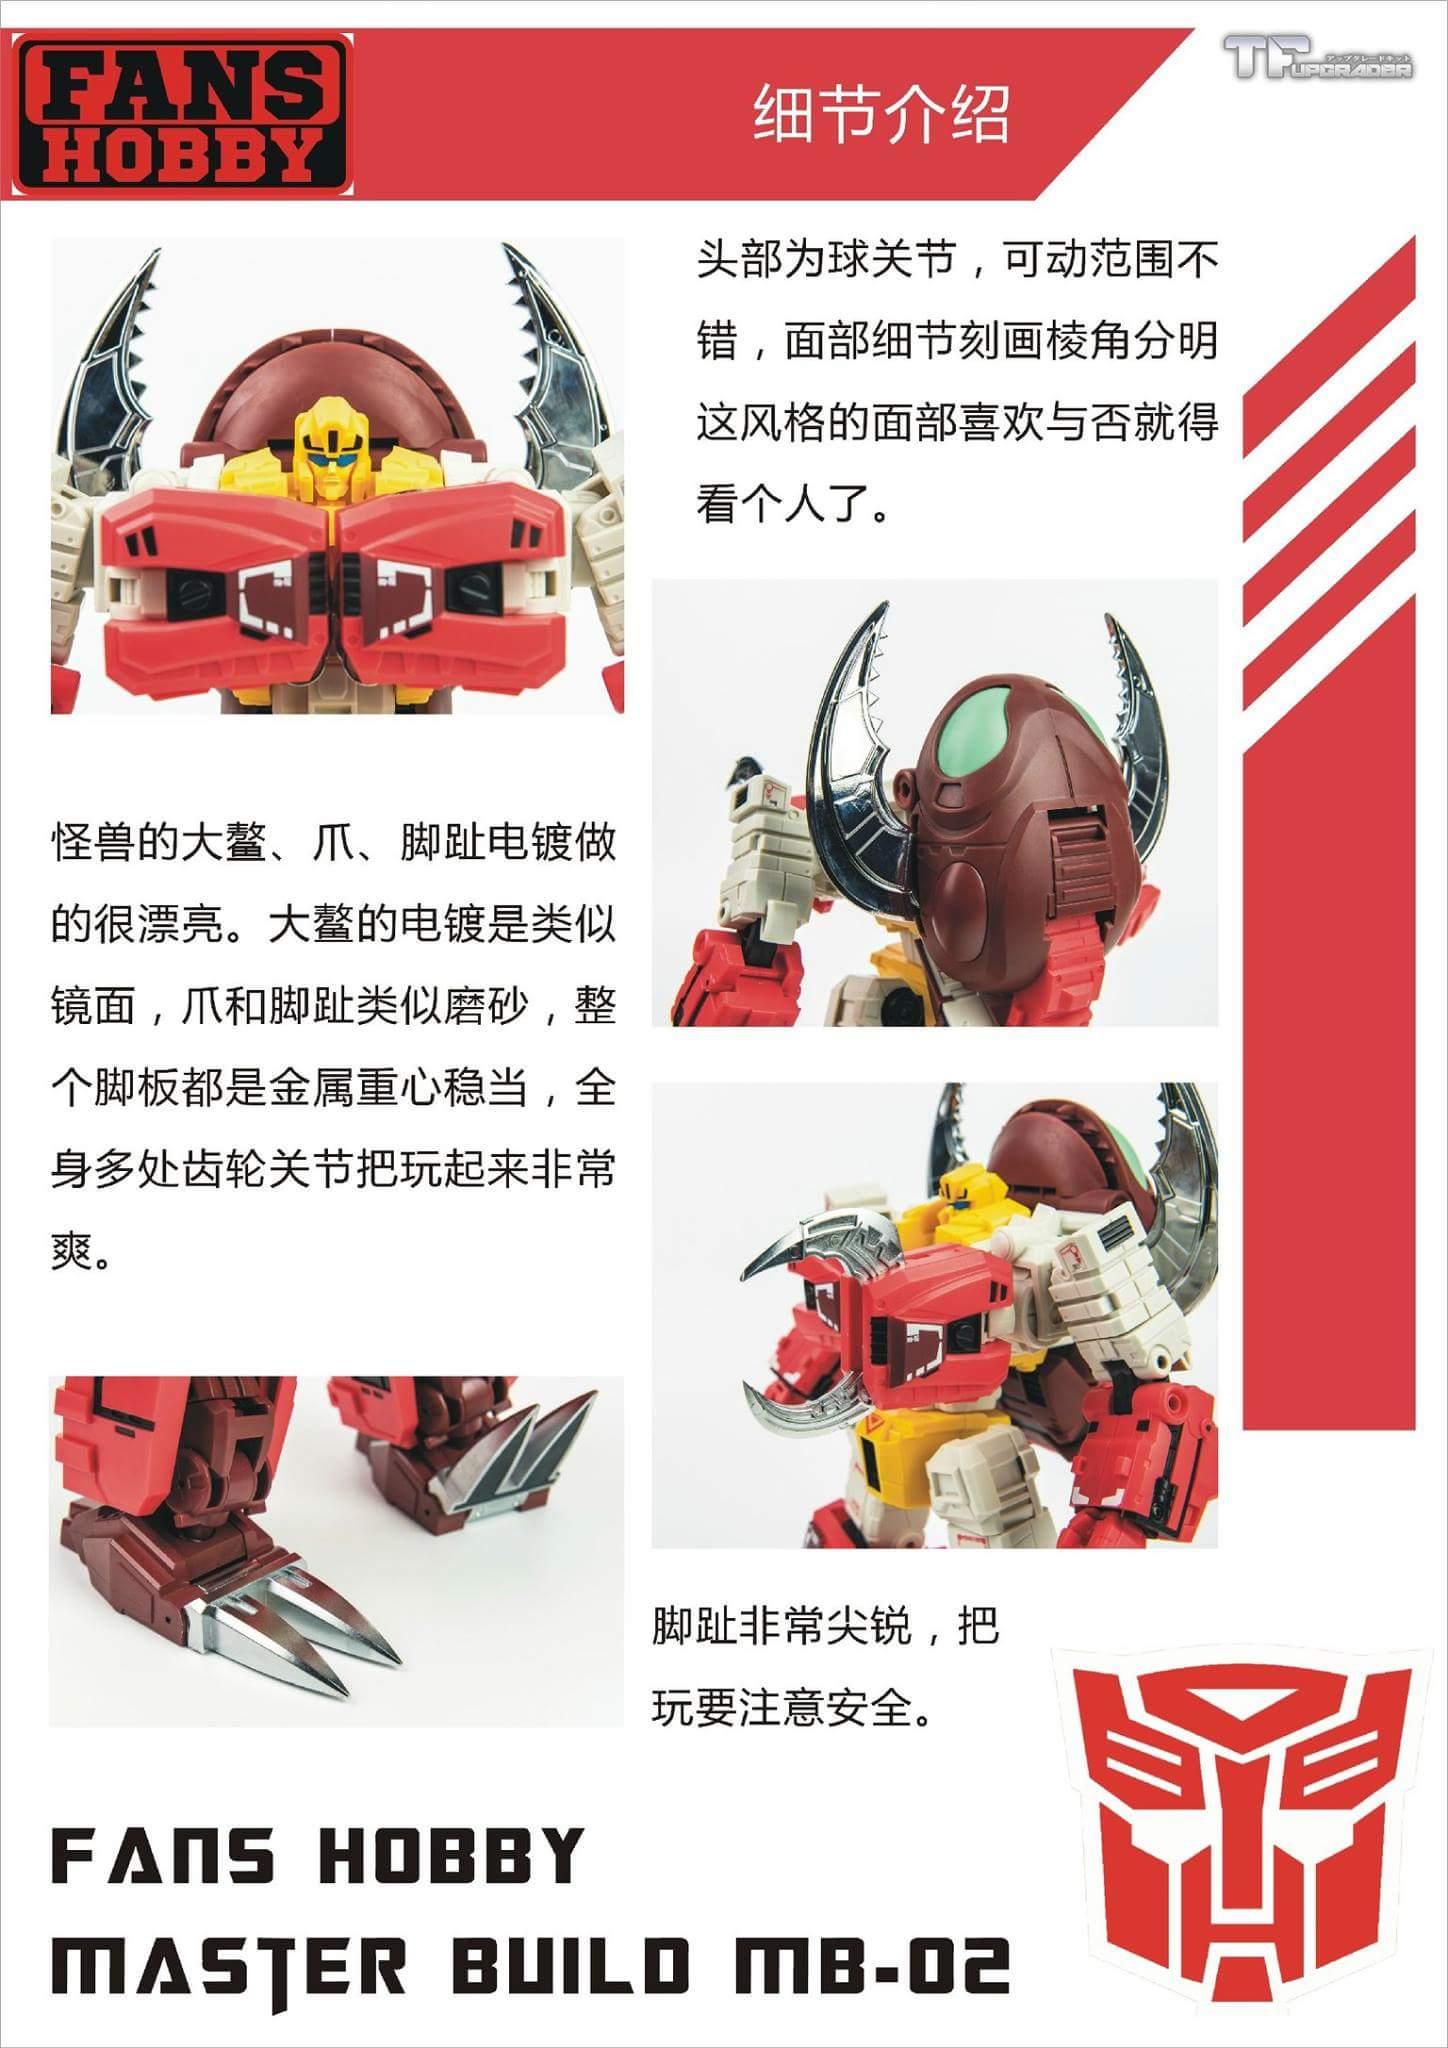 [FansHobby] Produit Tiers - Master Builder MB-02/03/05 - aka Monsterbots/Monstrebots 5JYFeeN4